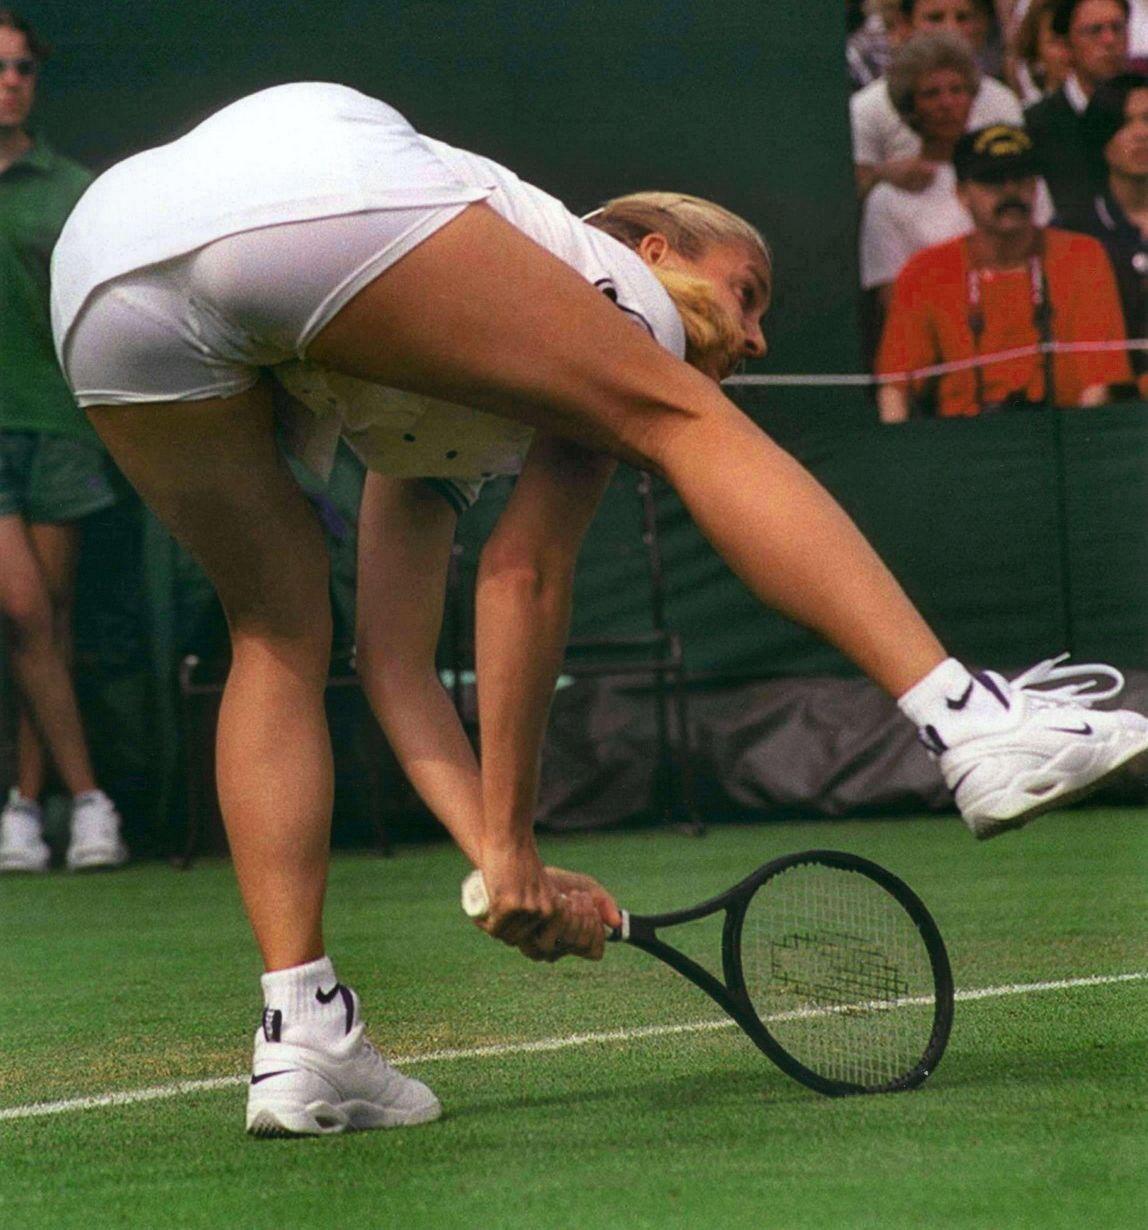 Случайные эротические фото на теннисе 18 фотография